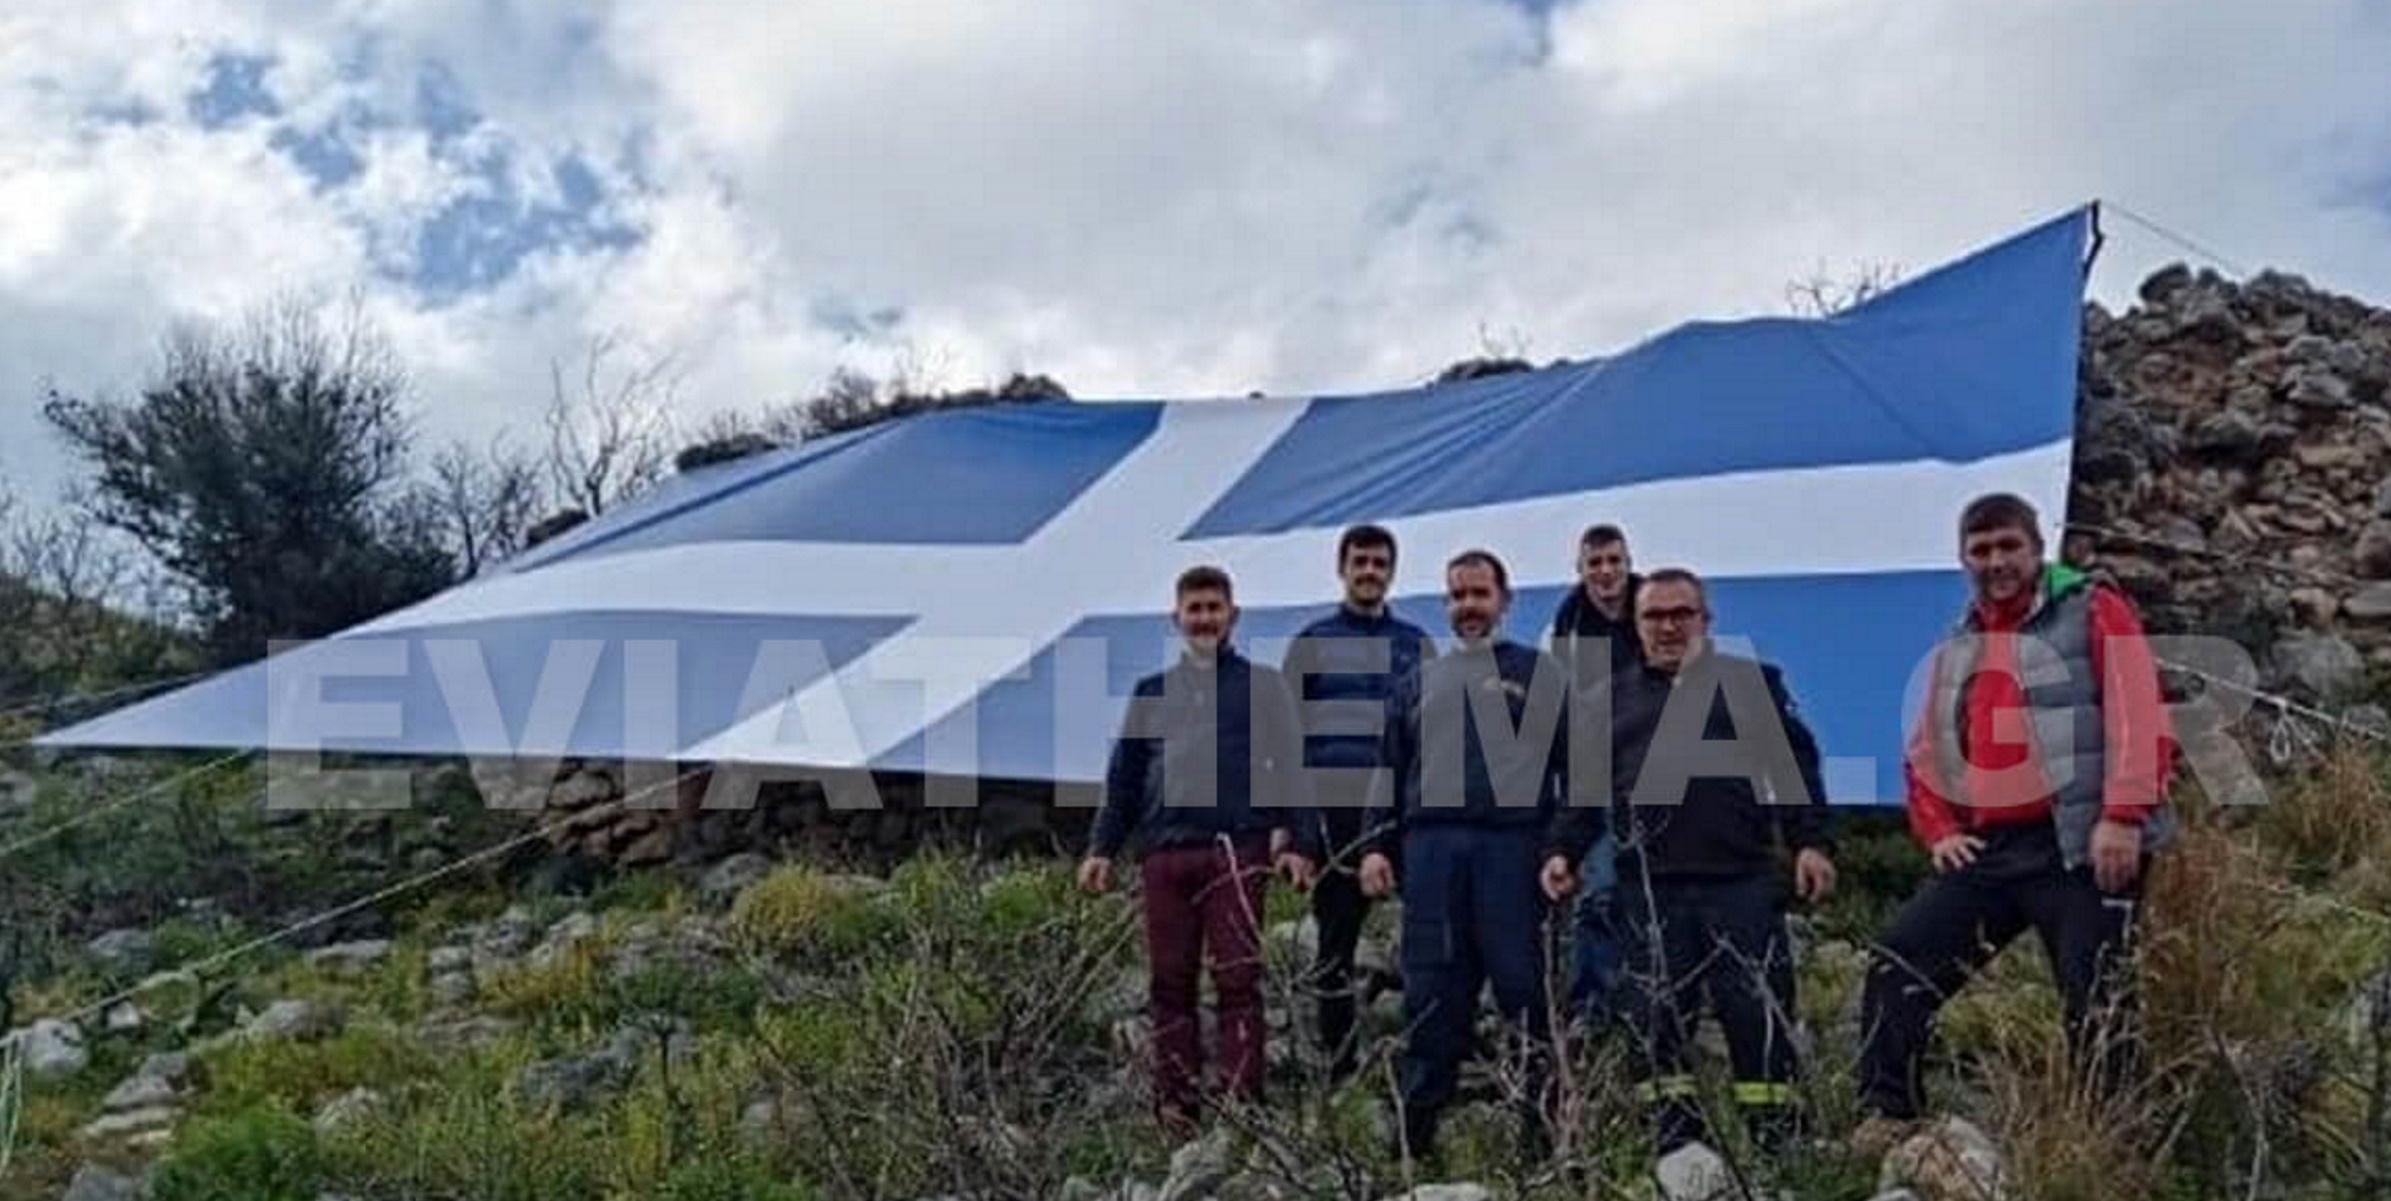 Ψαχνά Ευβοίας: Ξεδίπλωσαν ελληνική σημαία 16 μέτρων – Καθηλωτικές εικόνες από drone